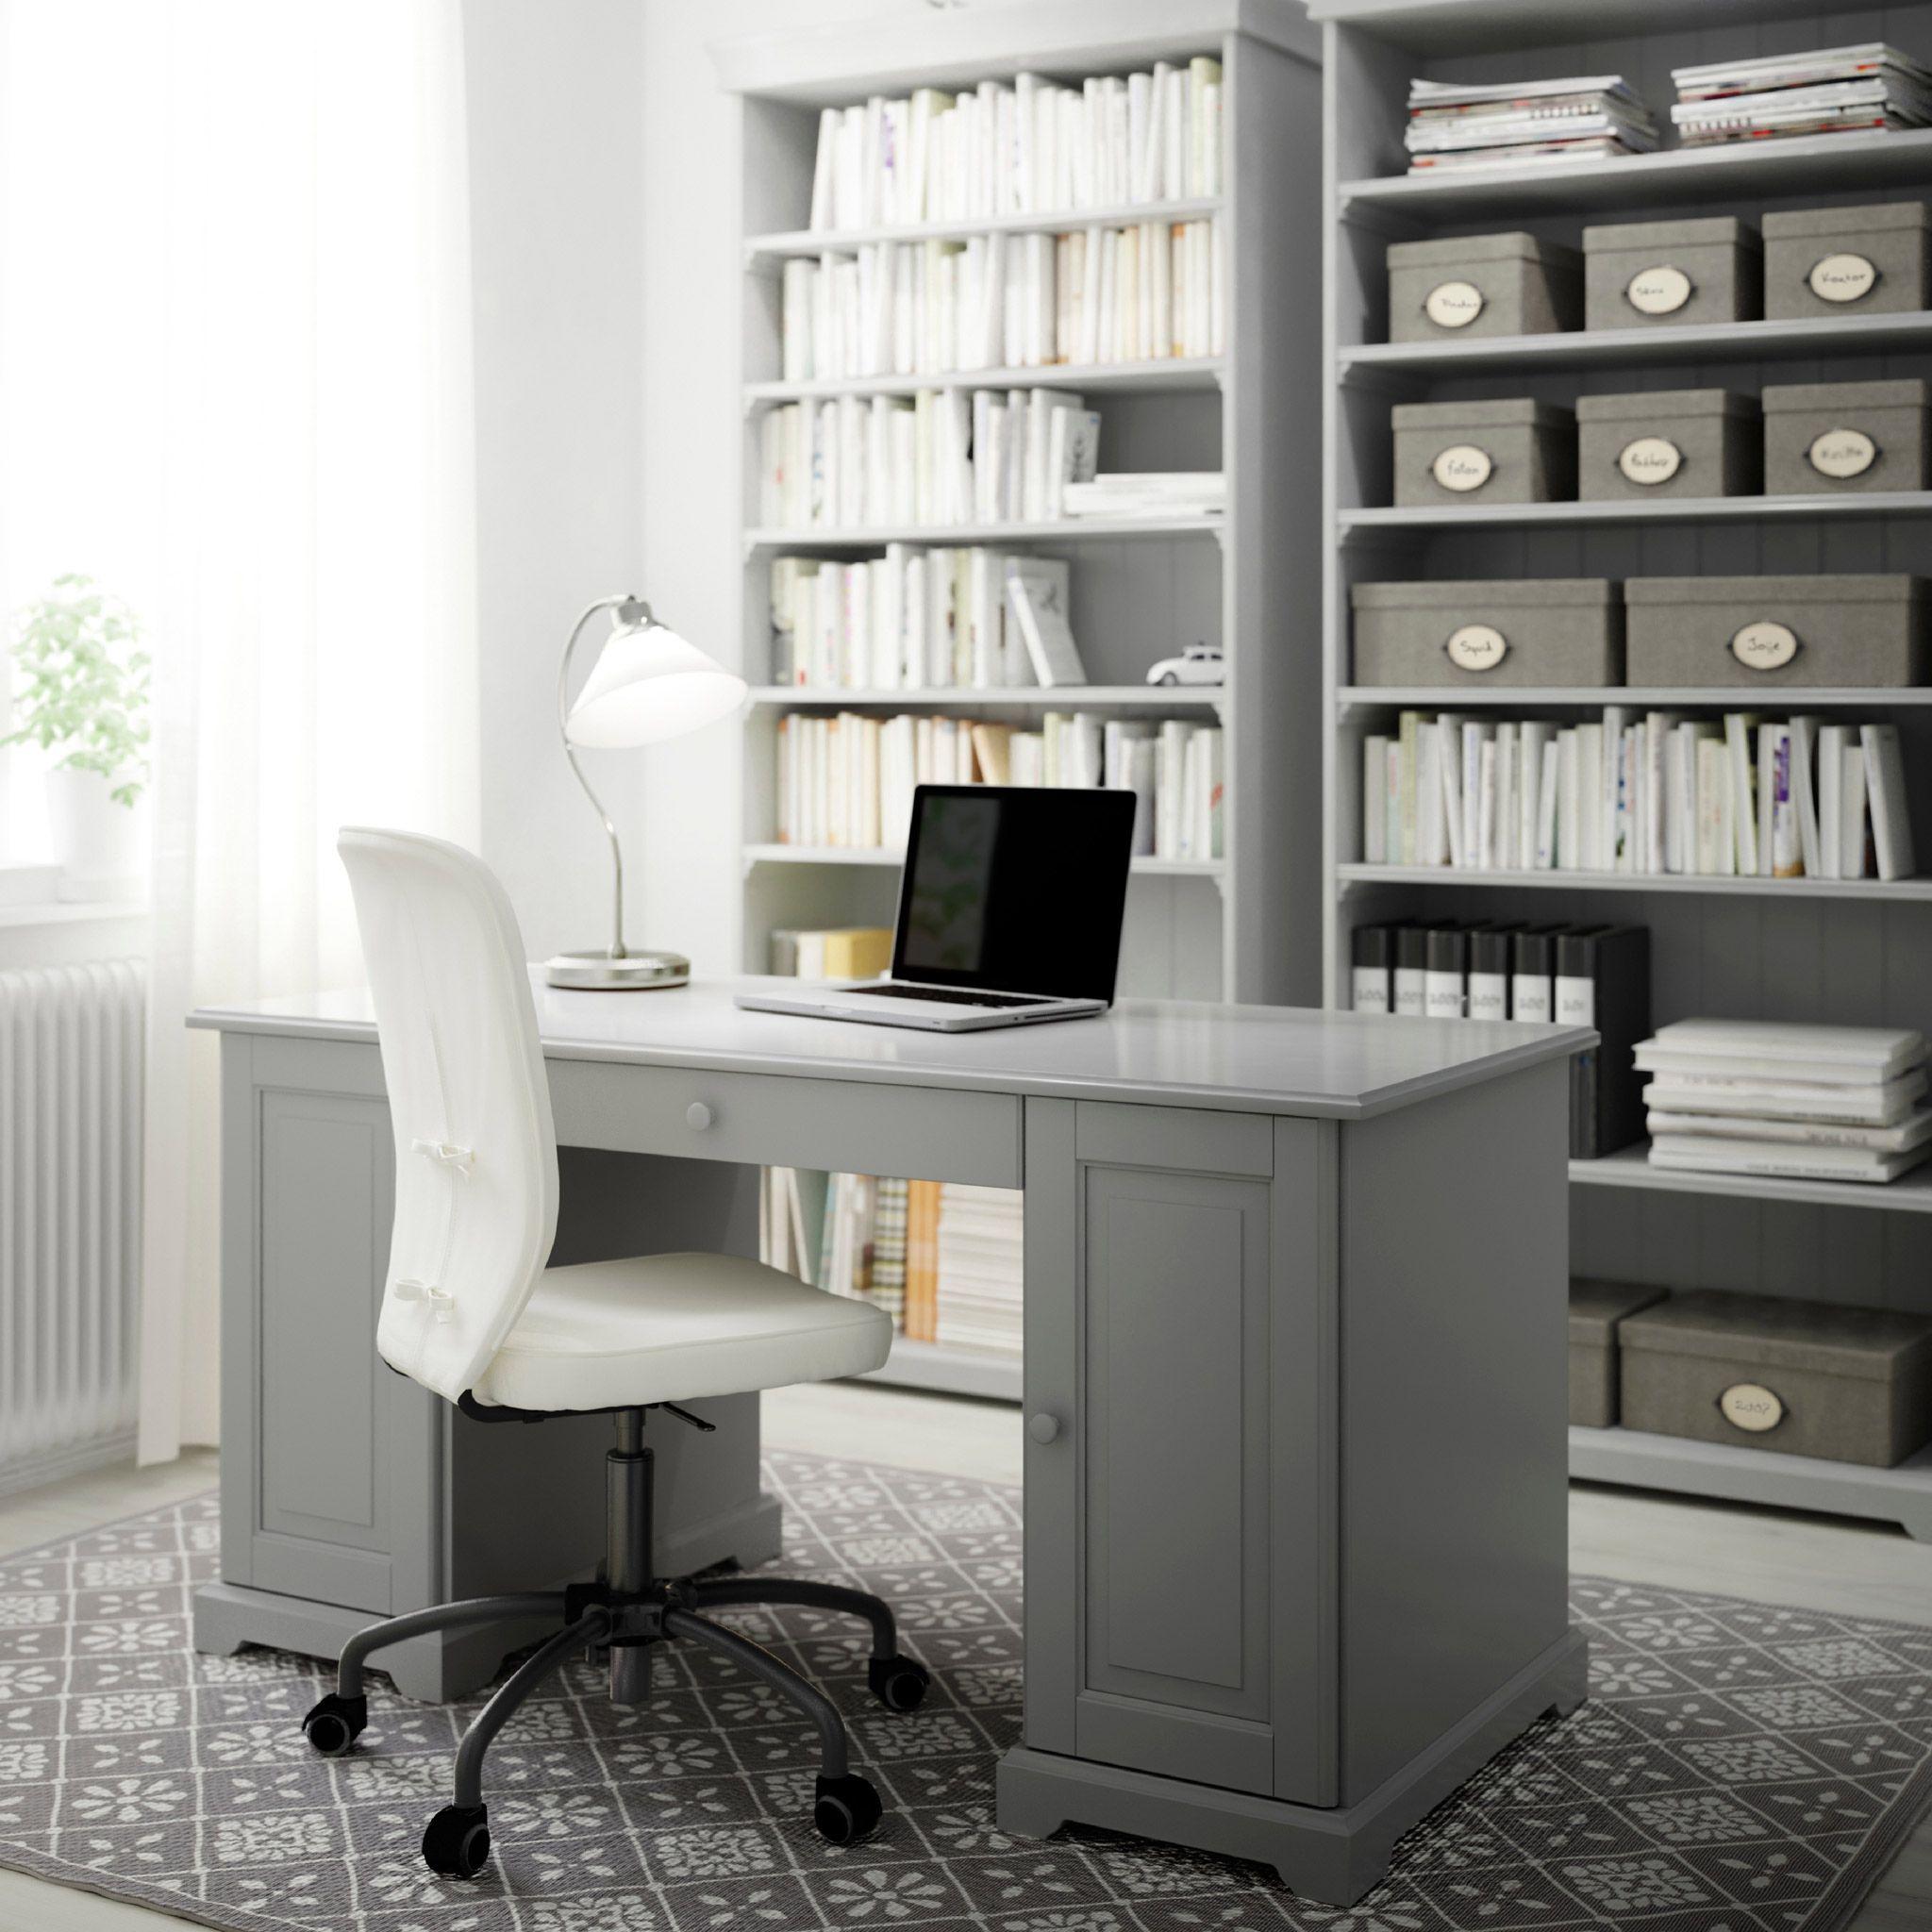 ikea office desks uk best led desk lamp check more at http www